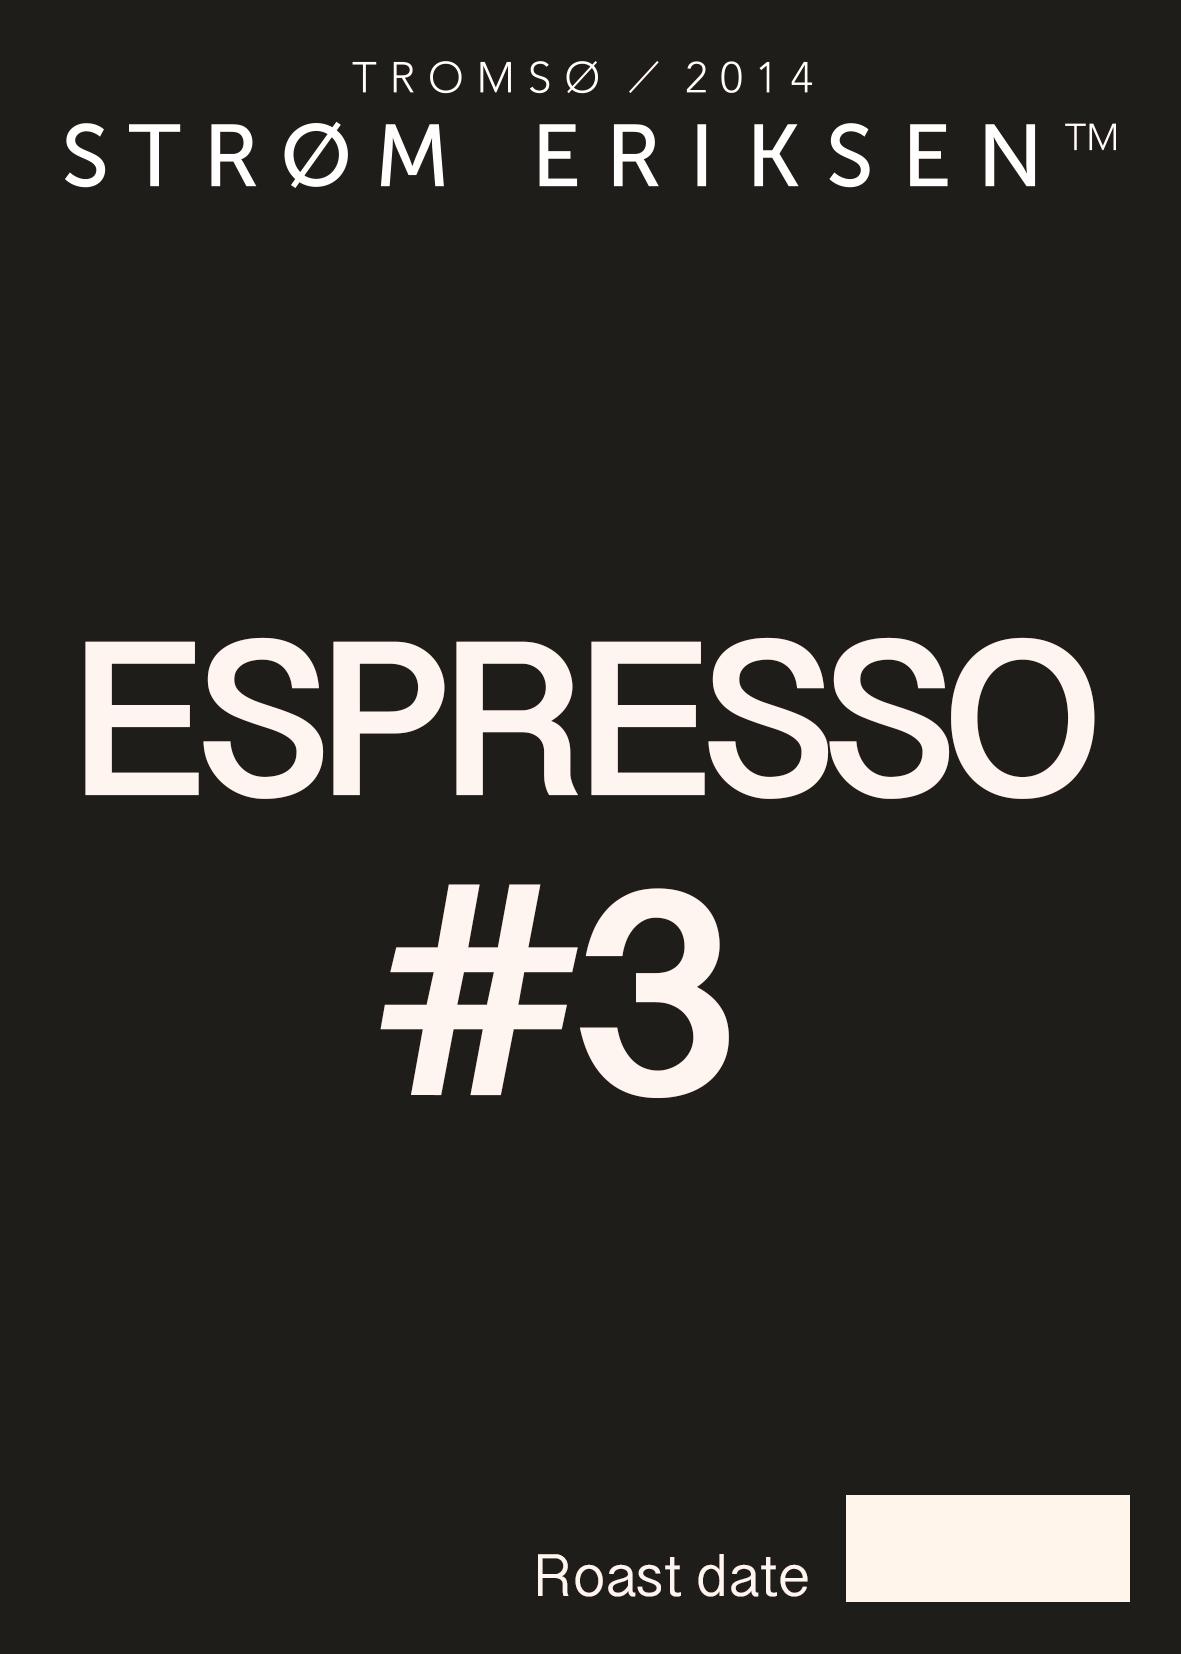 Espresso #3, 250 gram